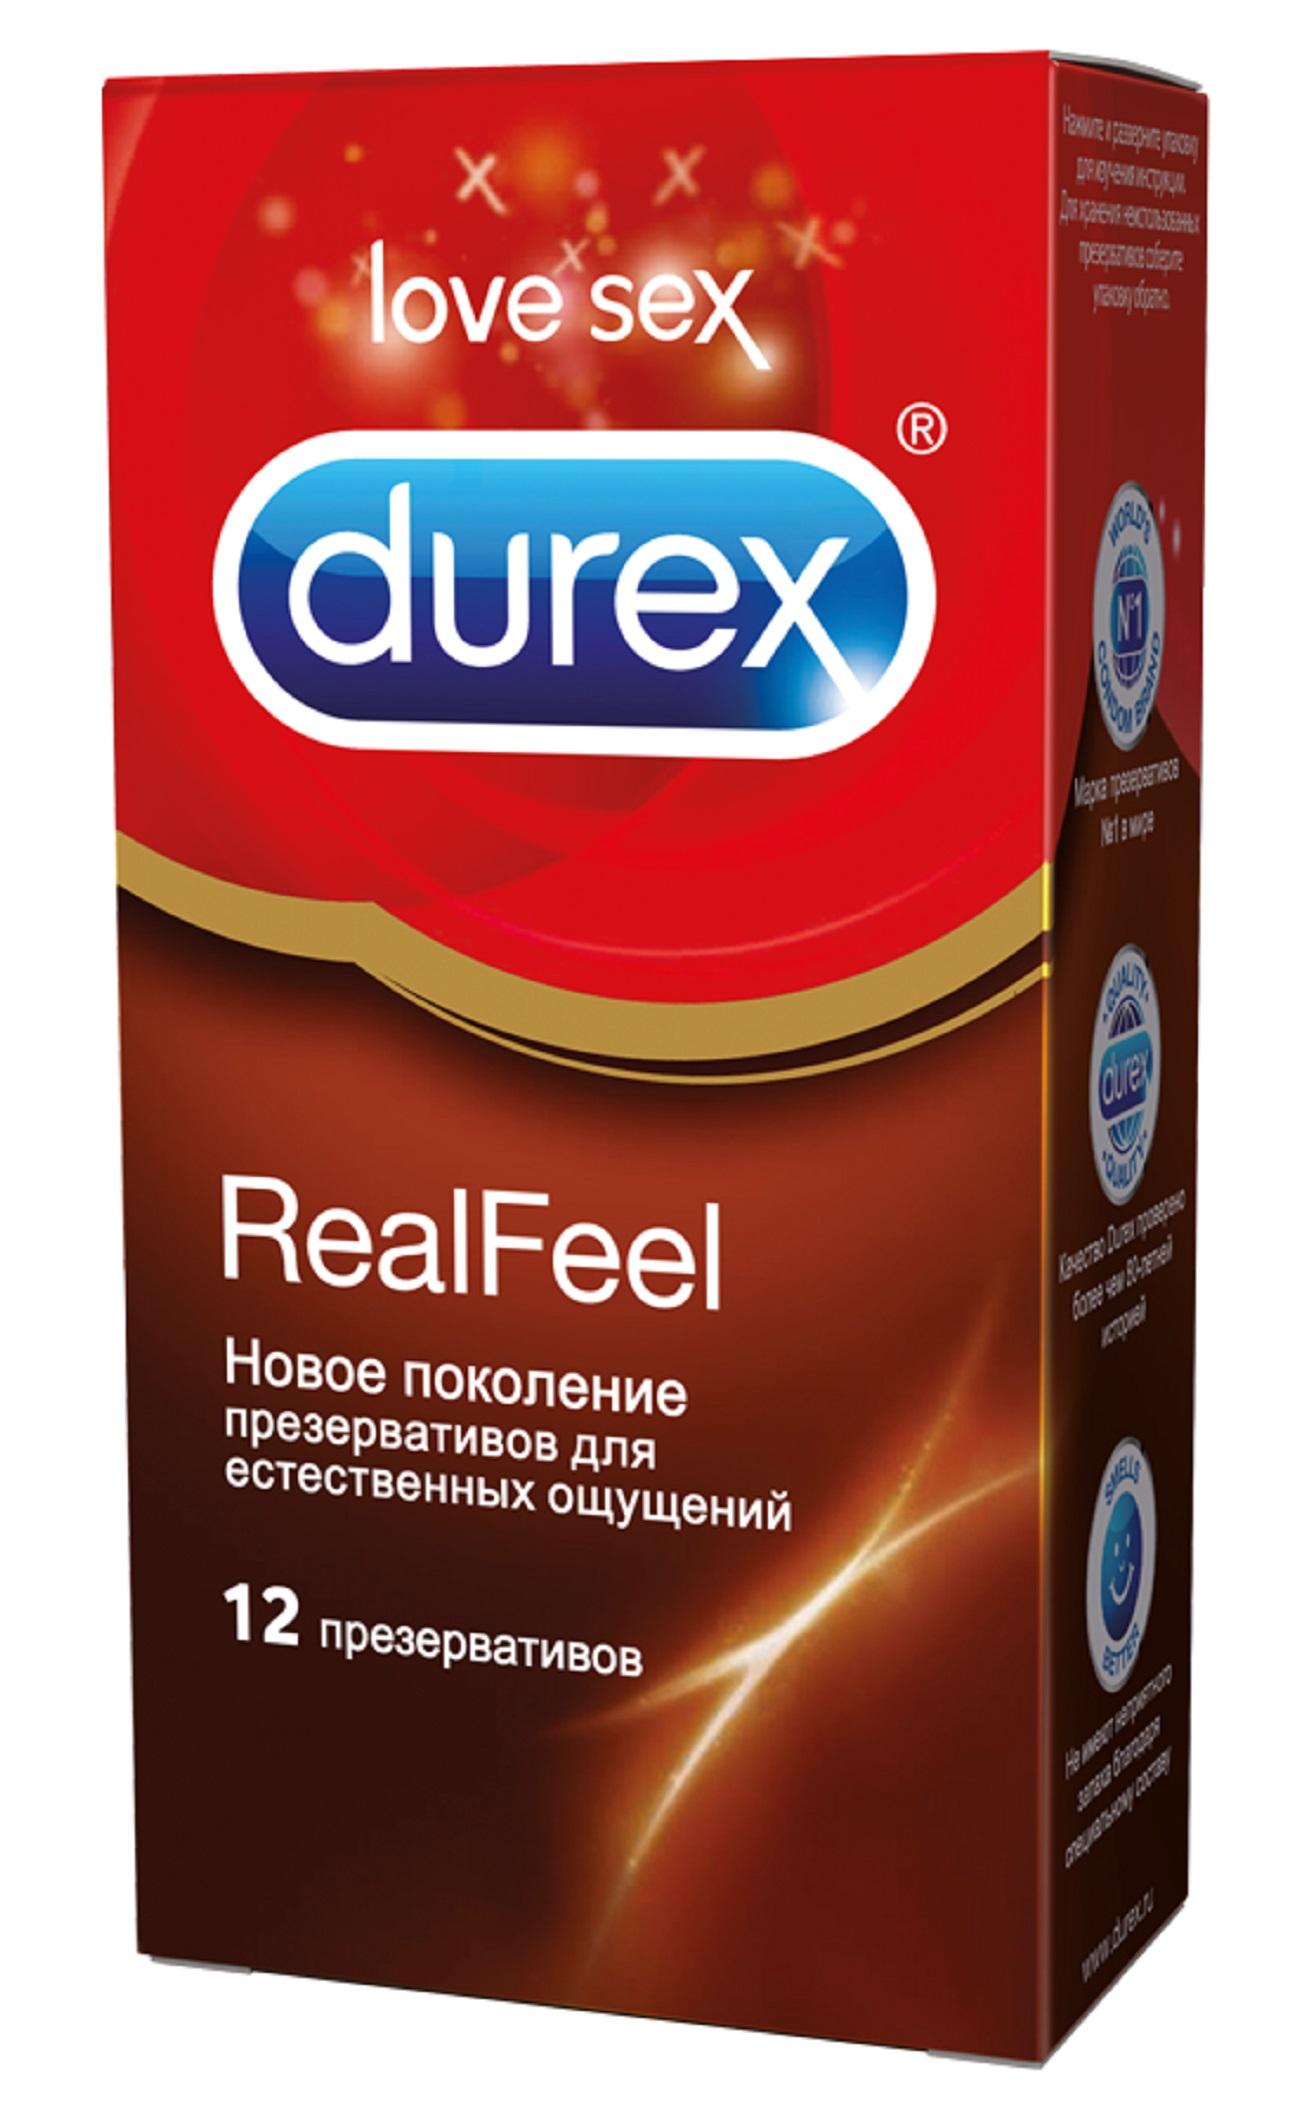 Durex RealFeel Презервативы для естественных ощущений кожа к коже, без латекса, 12 шт demoniq tamara black сорочка и трусики